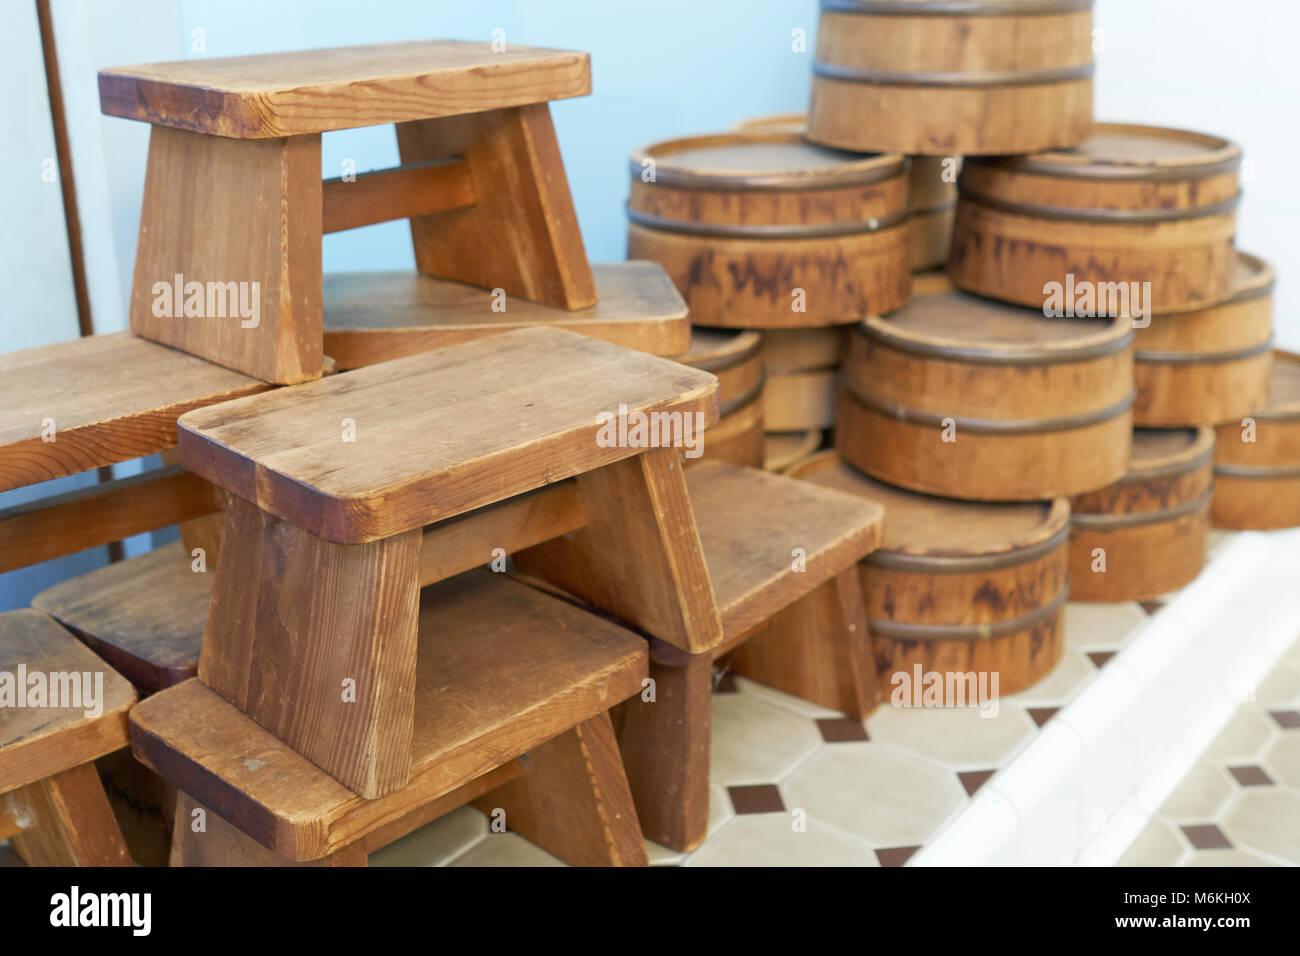 Sedile Doccia Legno : Sedile per onsen è fatta di legno del giappone e una pala di